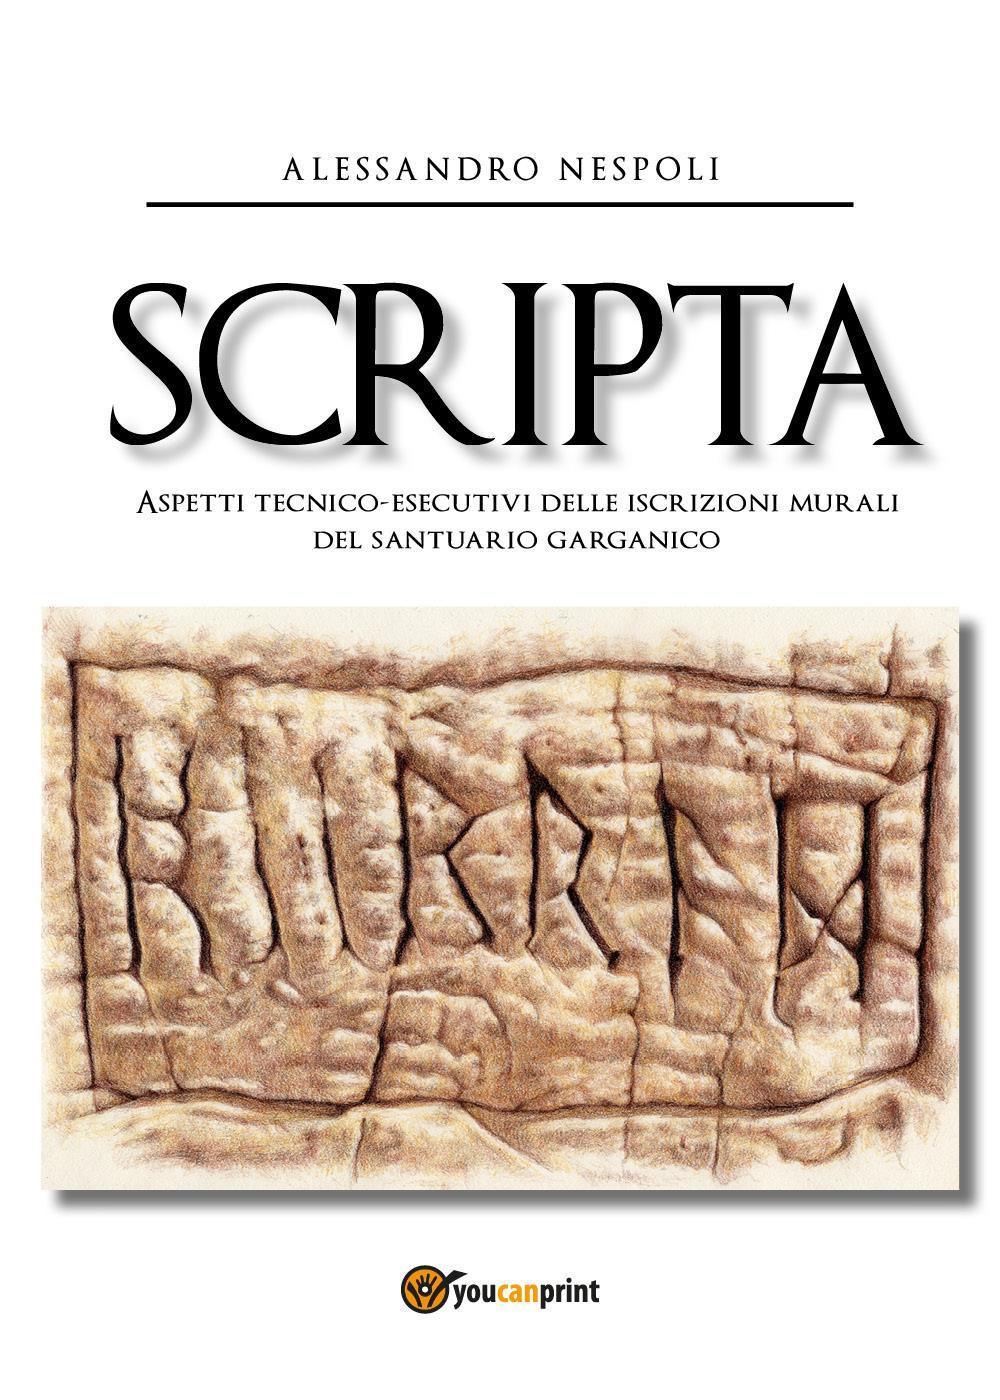 SCRIPTA - Aspetti tecnico-esecutivi delle iscrizioni murali del santuario garganico